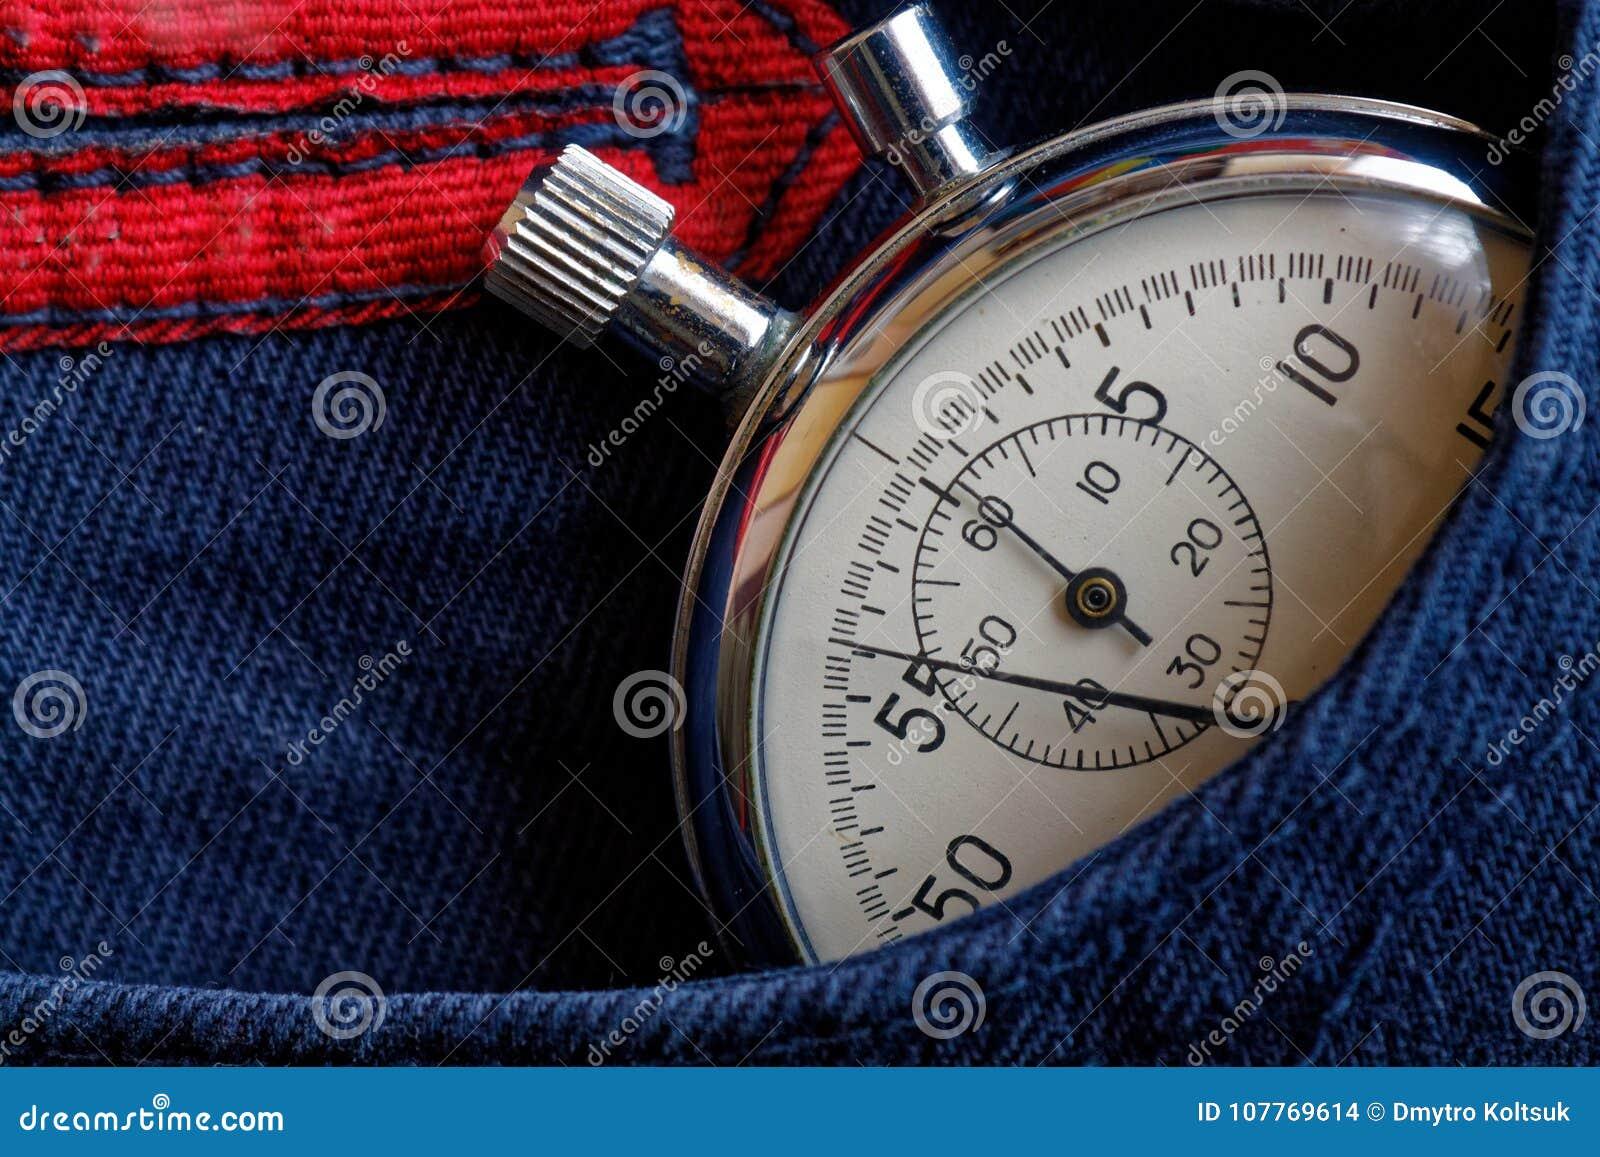 葡萄酒古董秒表,在深蓝牛仔裤装在口袋里,价值措施时间,老时钟箭头分钟,第二个准确性定时器纪录